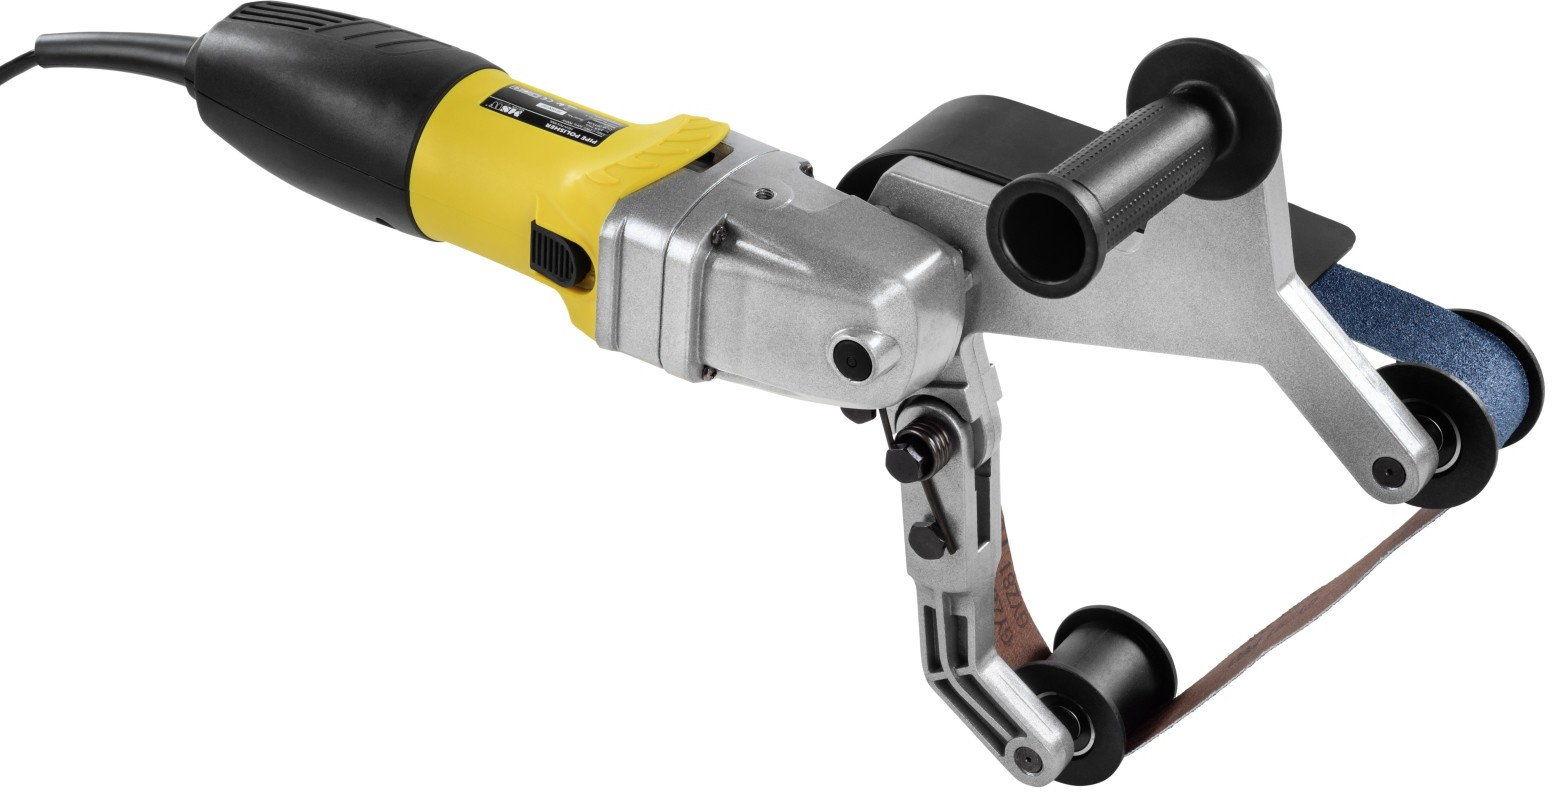 Szlifierka taśmowa do rur - 760 mm - MSW - MSW-POL900L - 3 lata gwarancji/wysyłka w 24h